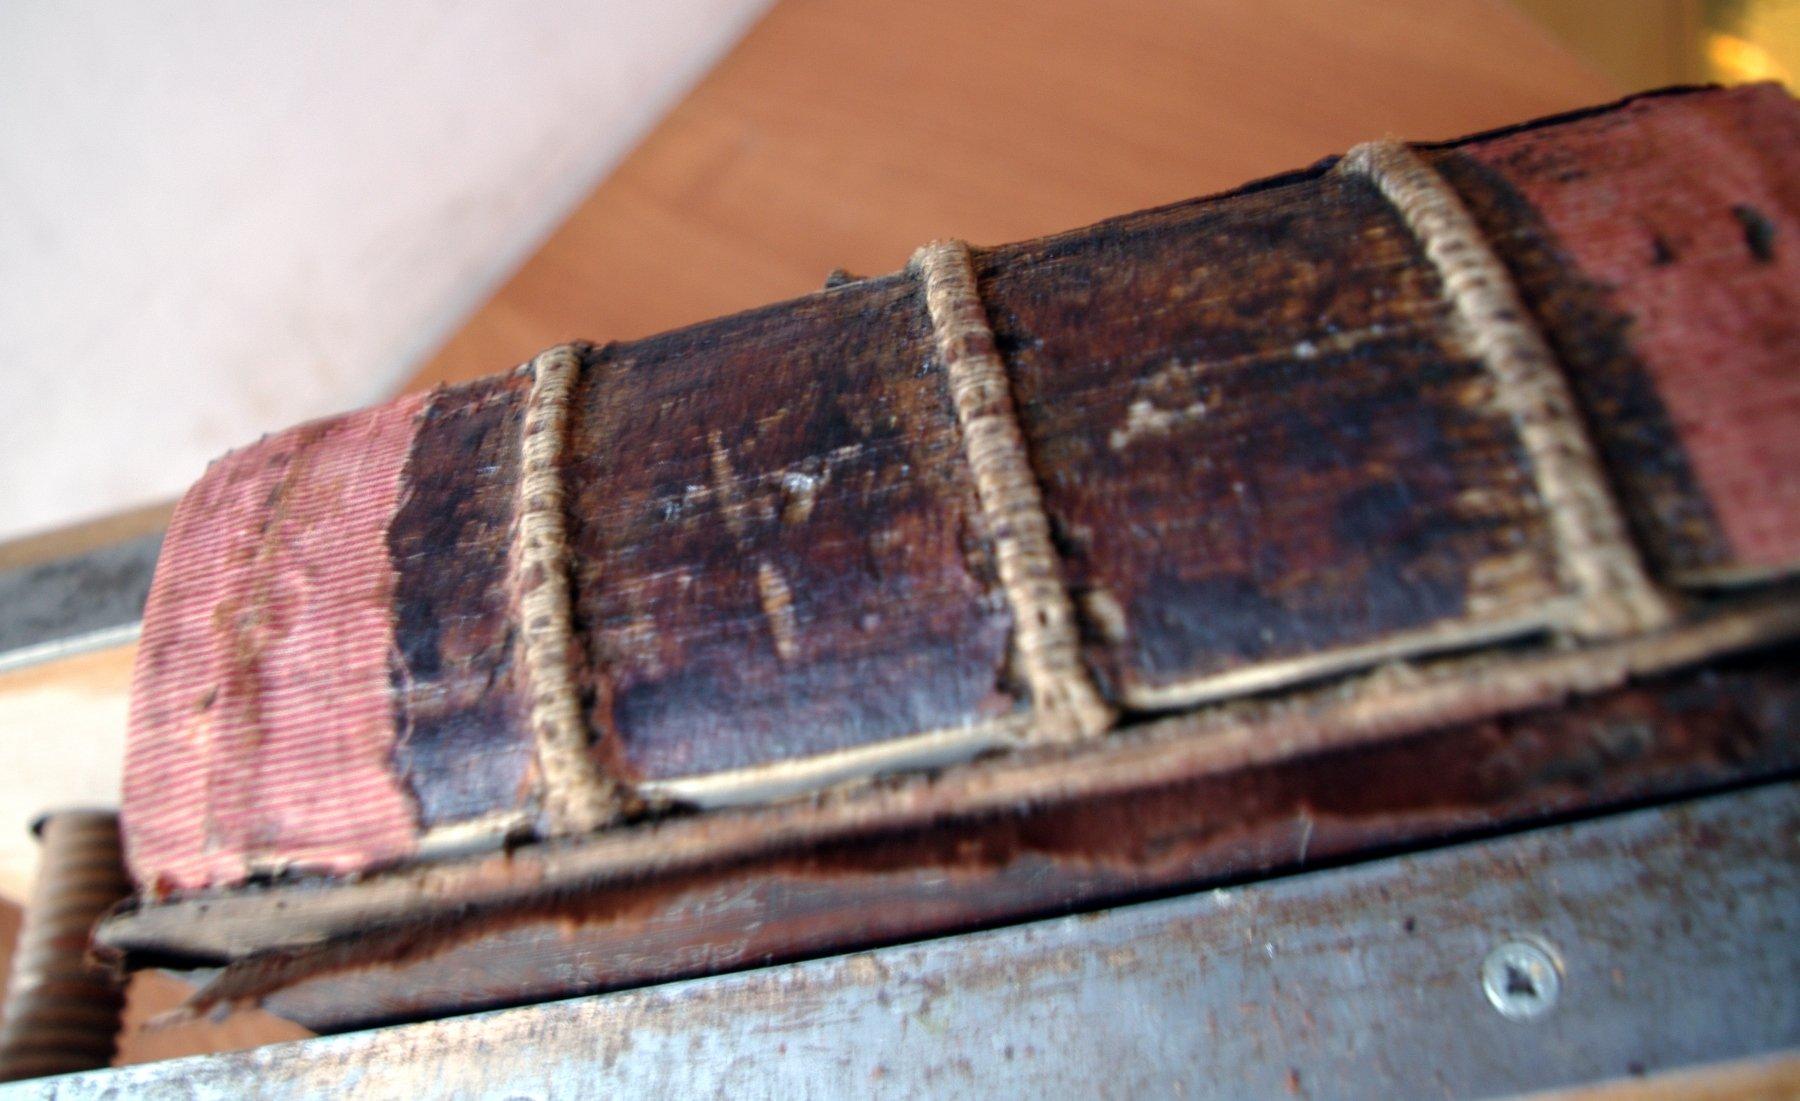 Псалтирь 19 века во время реставрации. Общий вид корешка со шнурами.